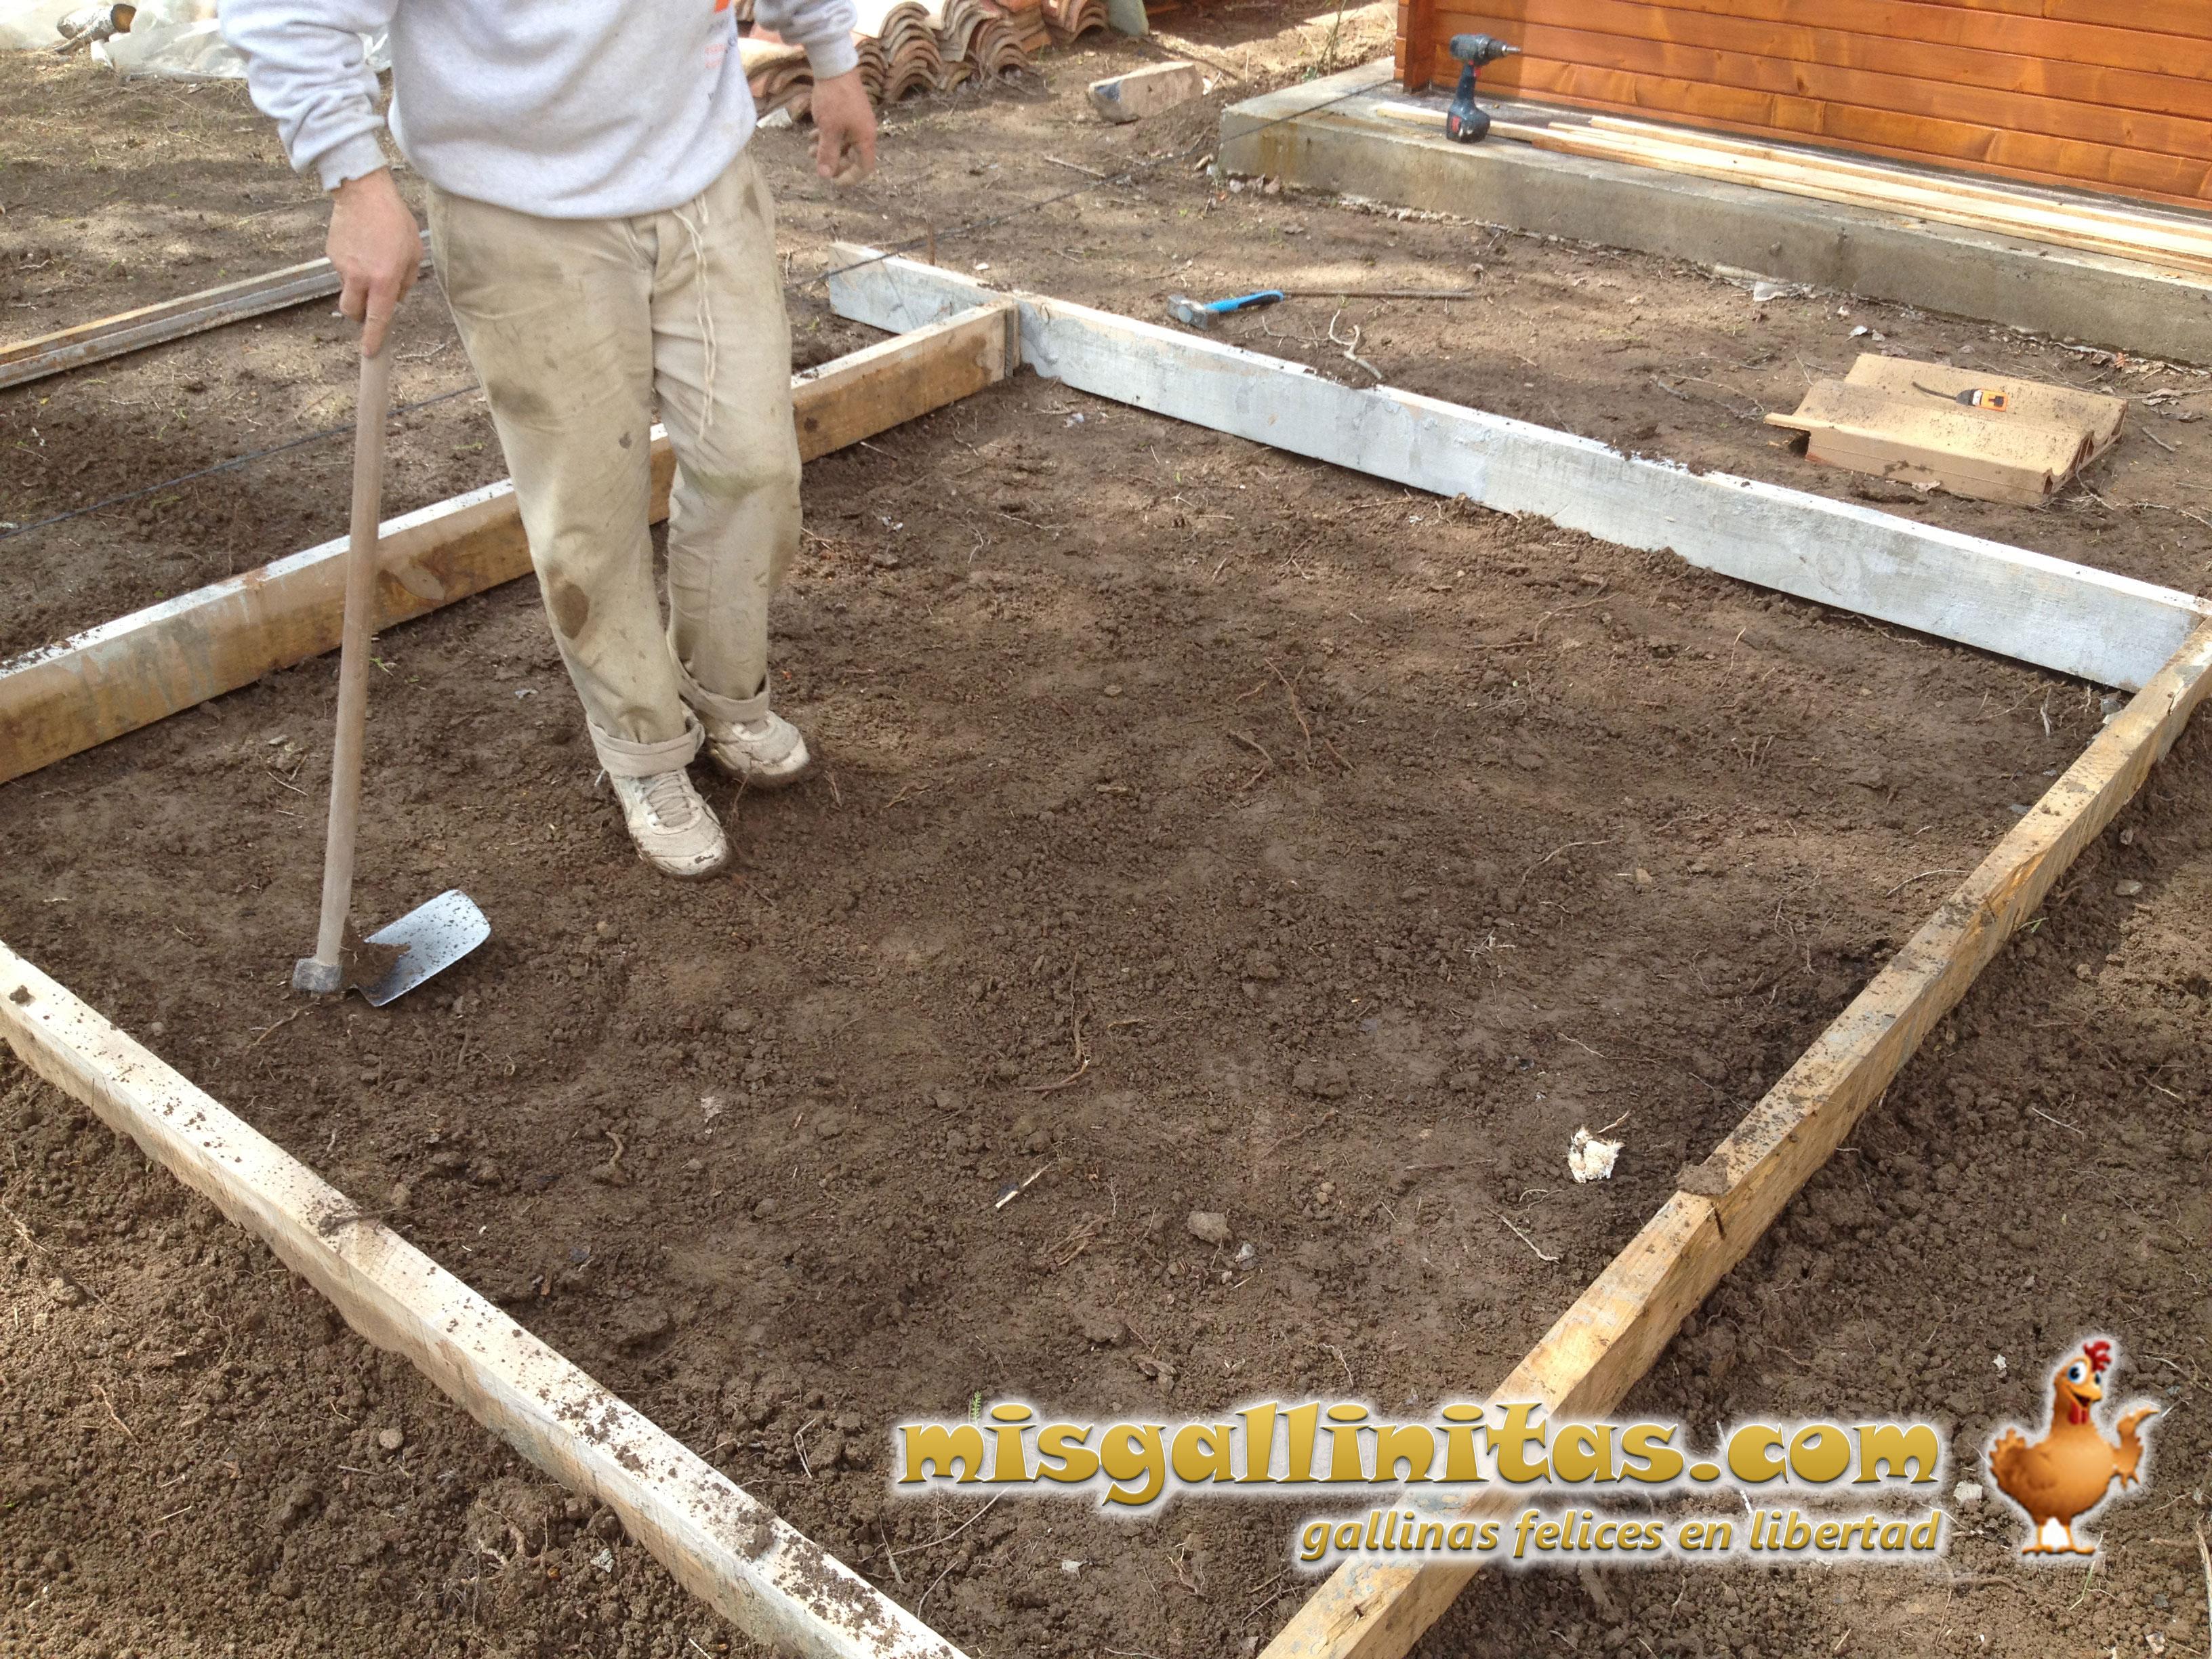 Construir gallinero de madera materiales para la - Gallineros leroy merlin ...